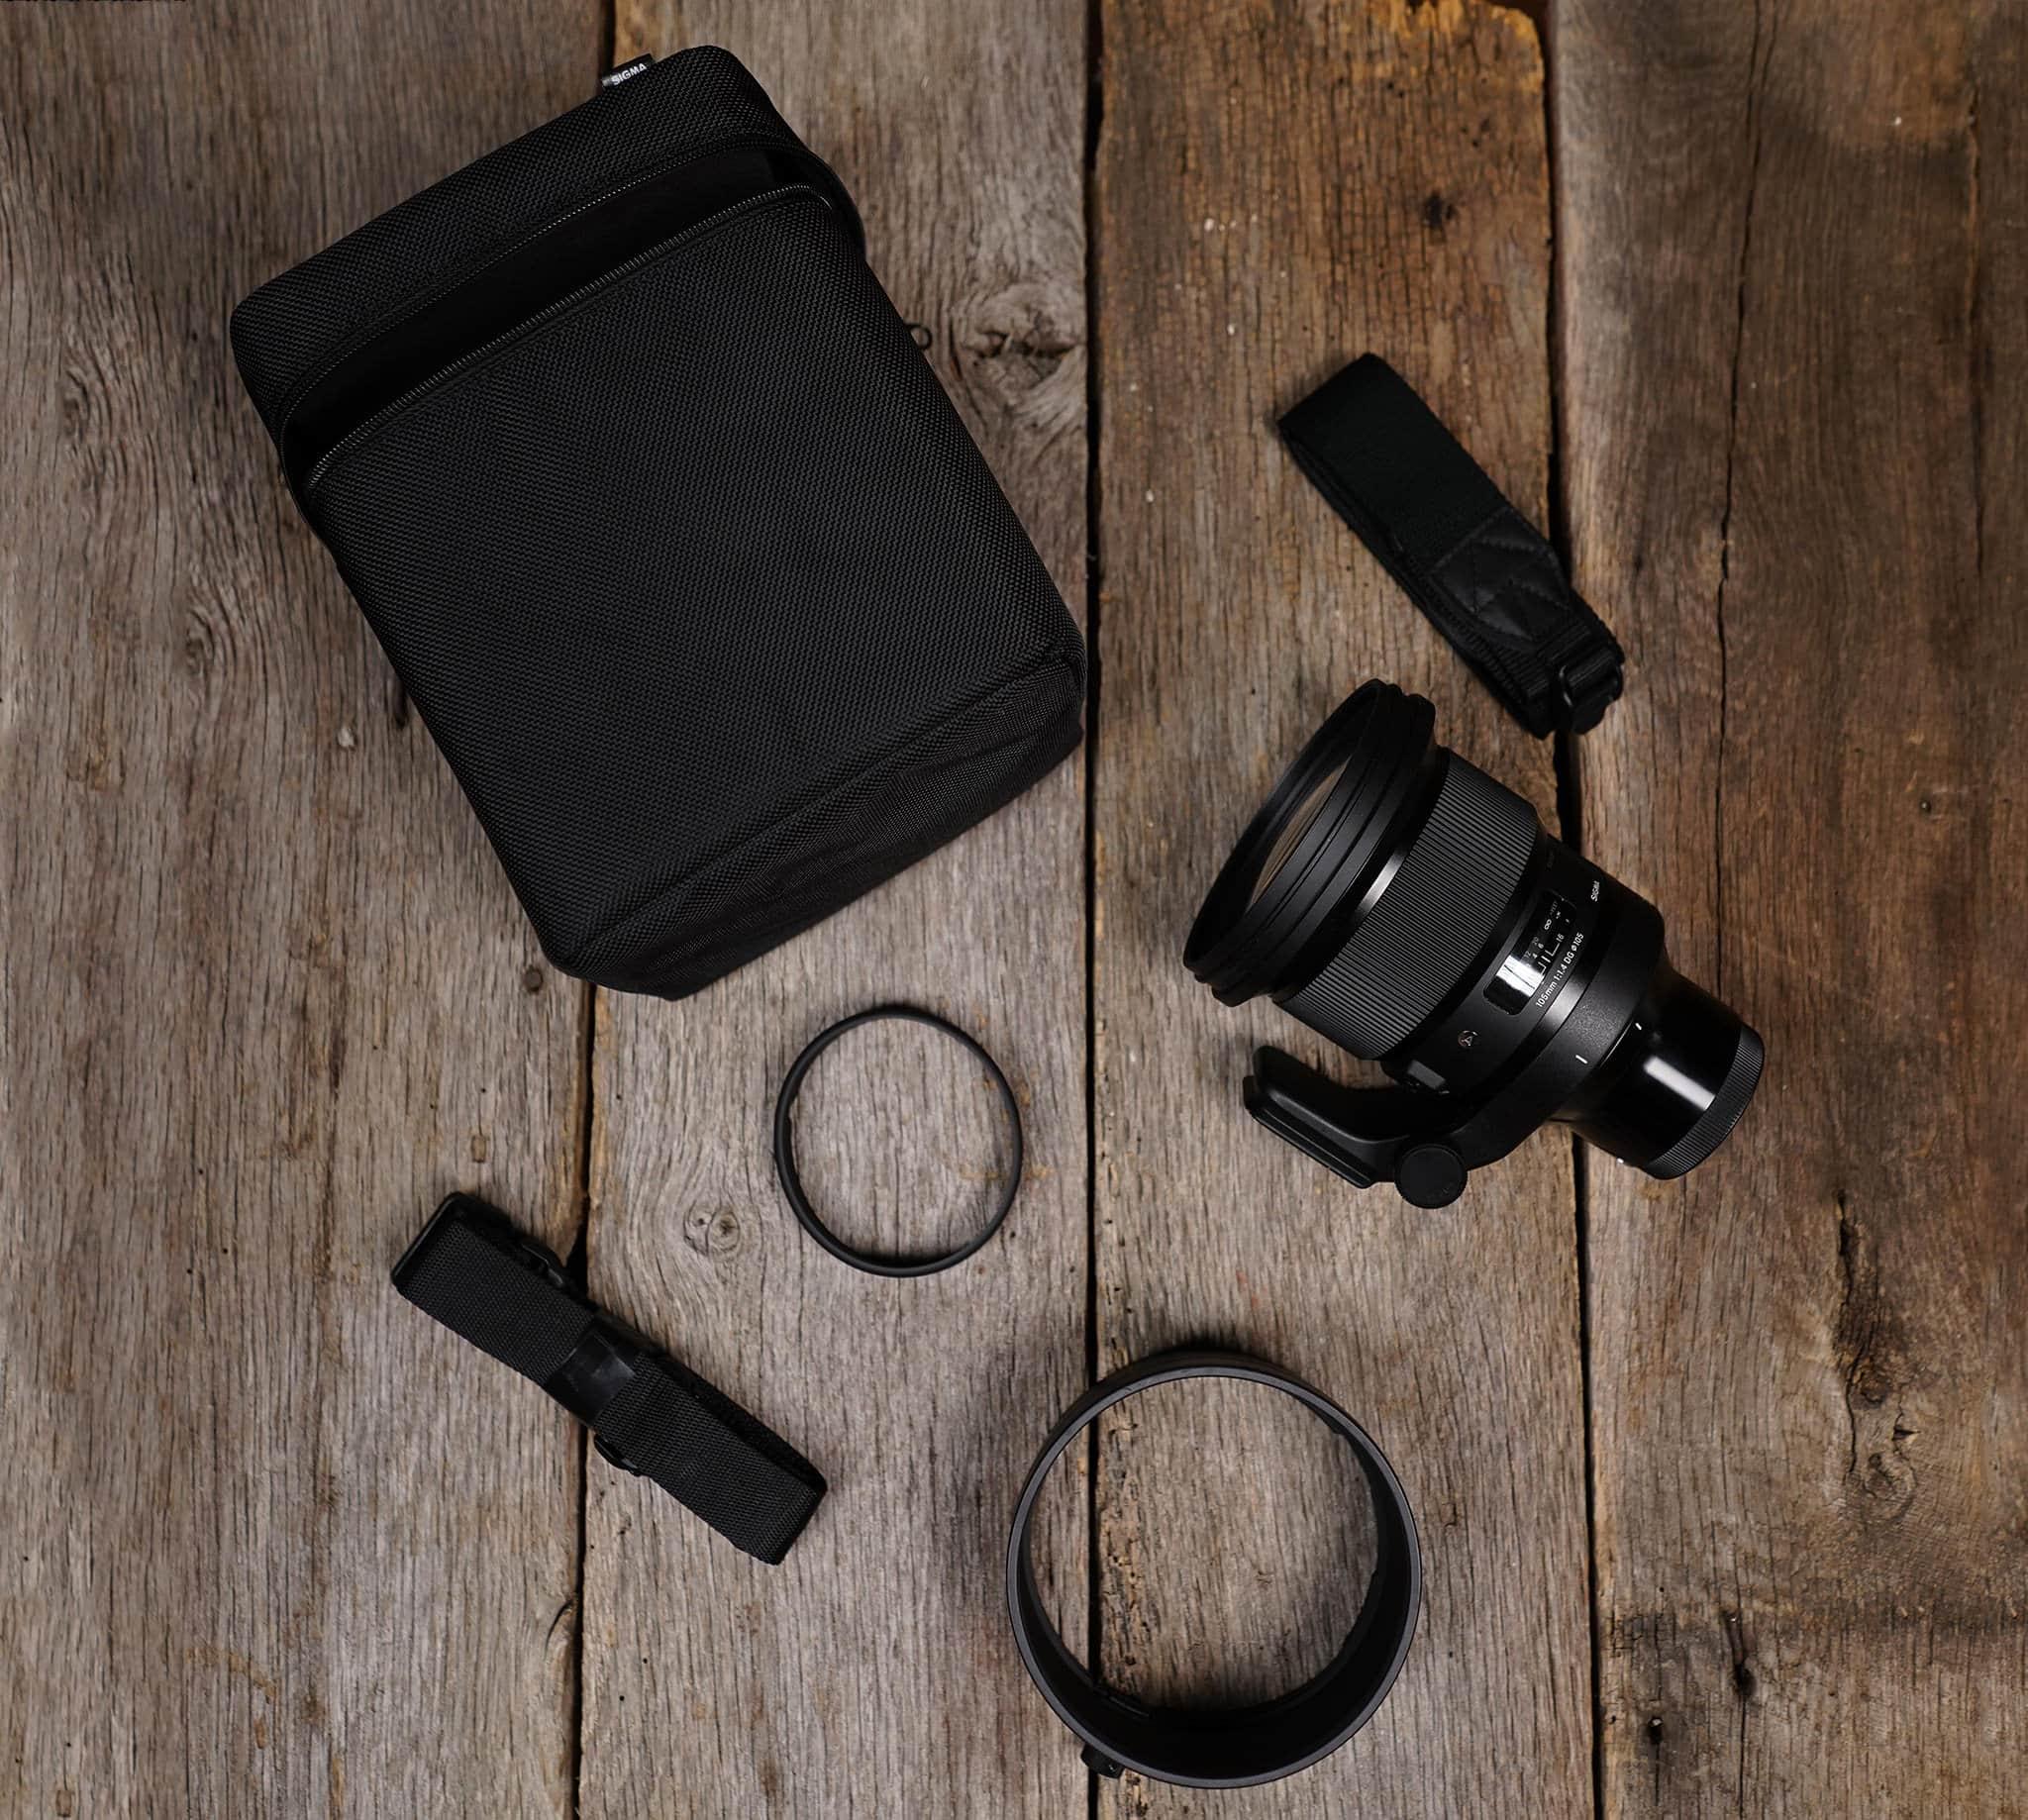 Sigma Lenses for Sony Alpha Cameras